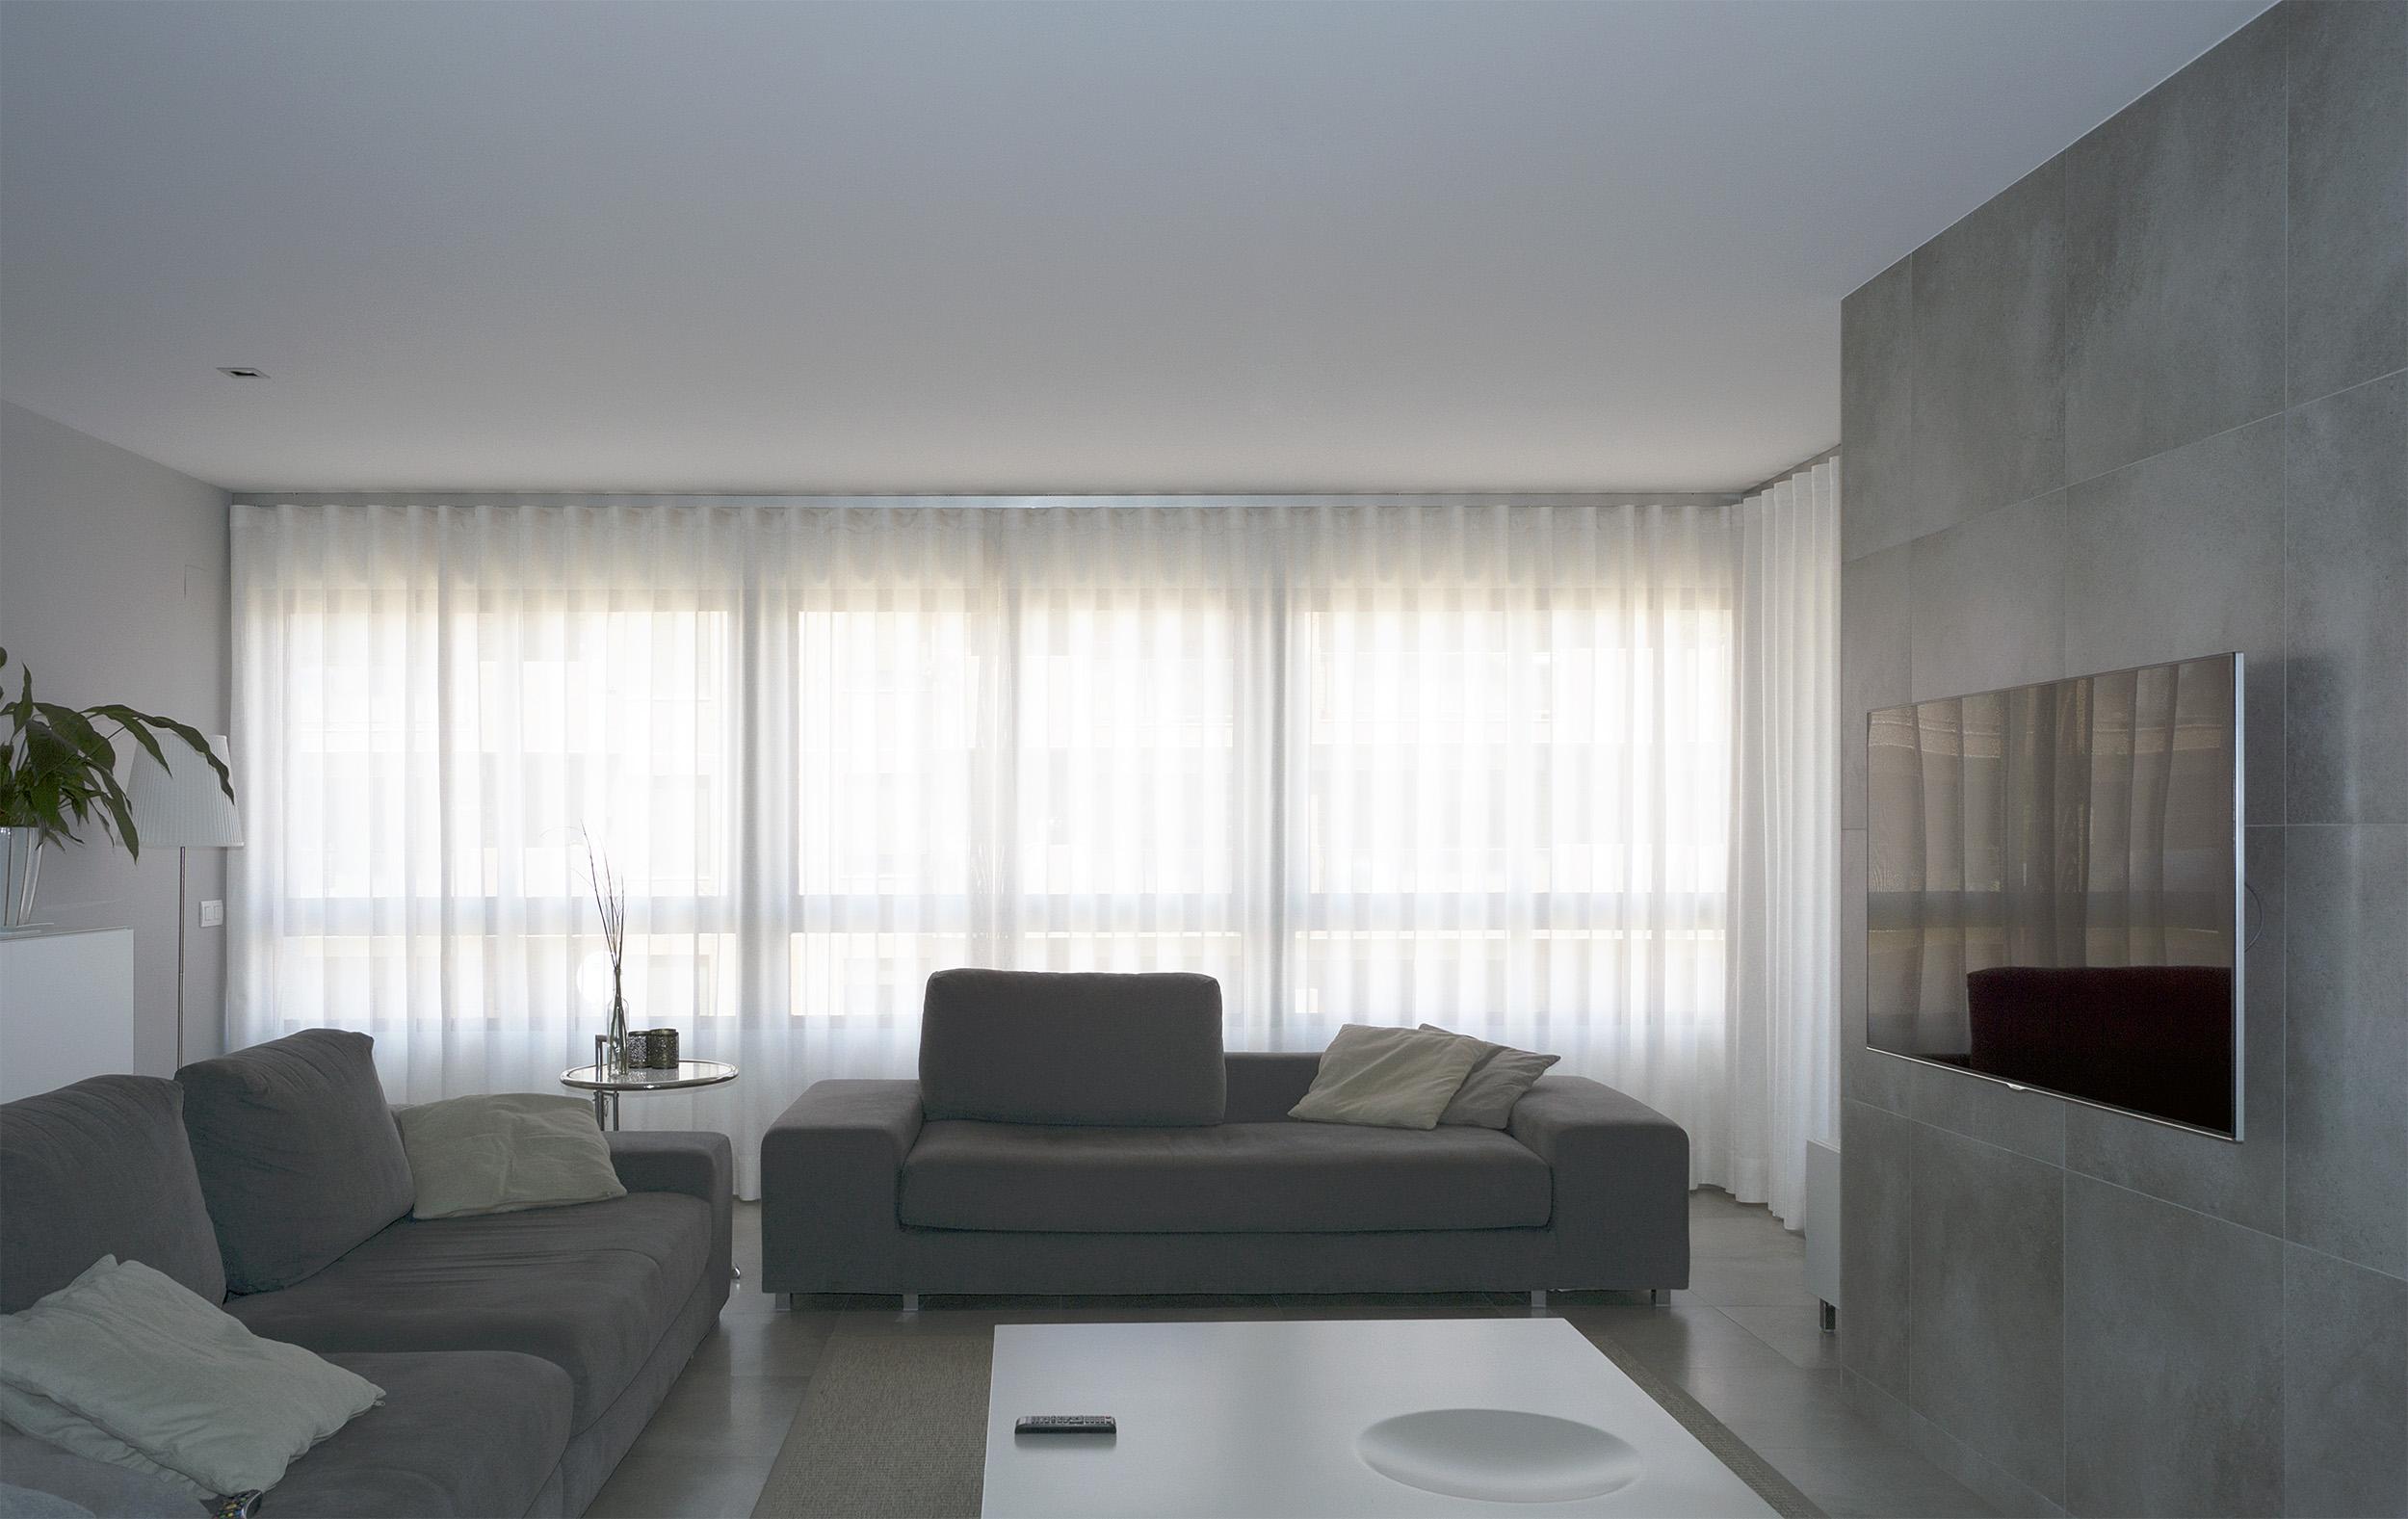 Cortinas salon moderno gallery of decoracion de salones for Decoracion cortinas salon